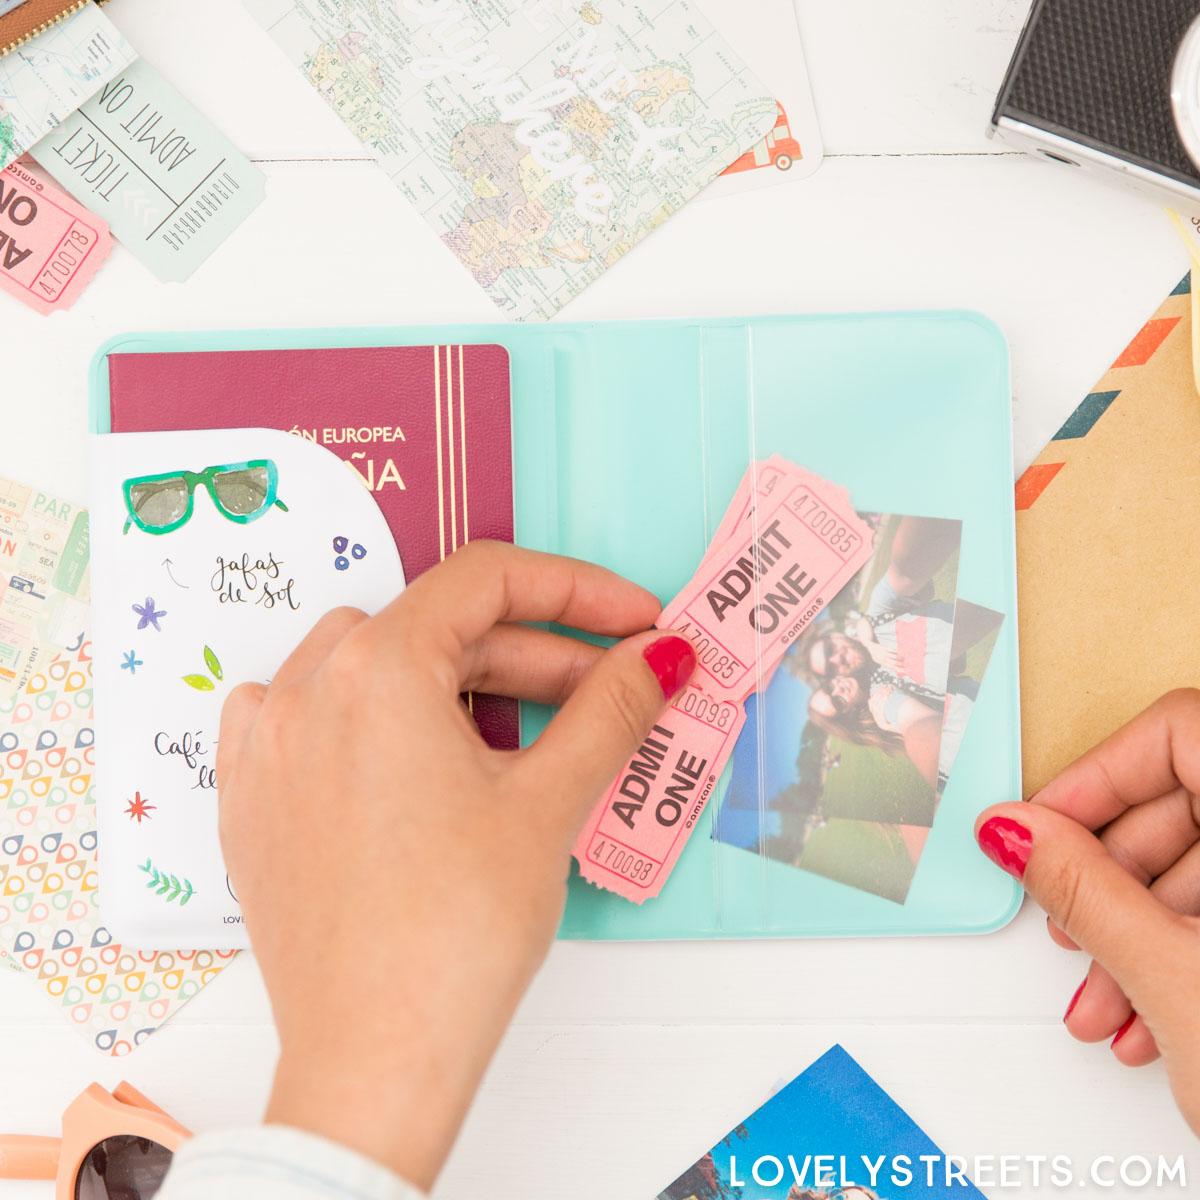 LOVELYSTREETS_8435439301428_funda-pasaporte_voy-a-vivir-un-millon-de-aventuras_CAST-18